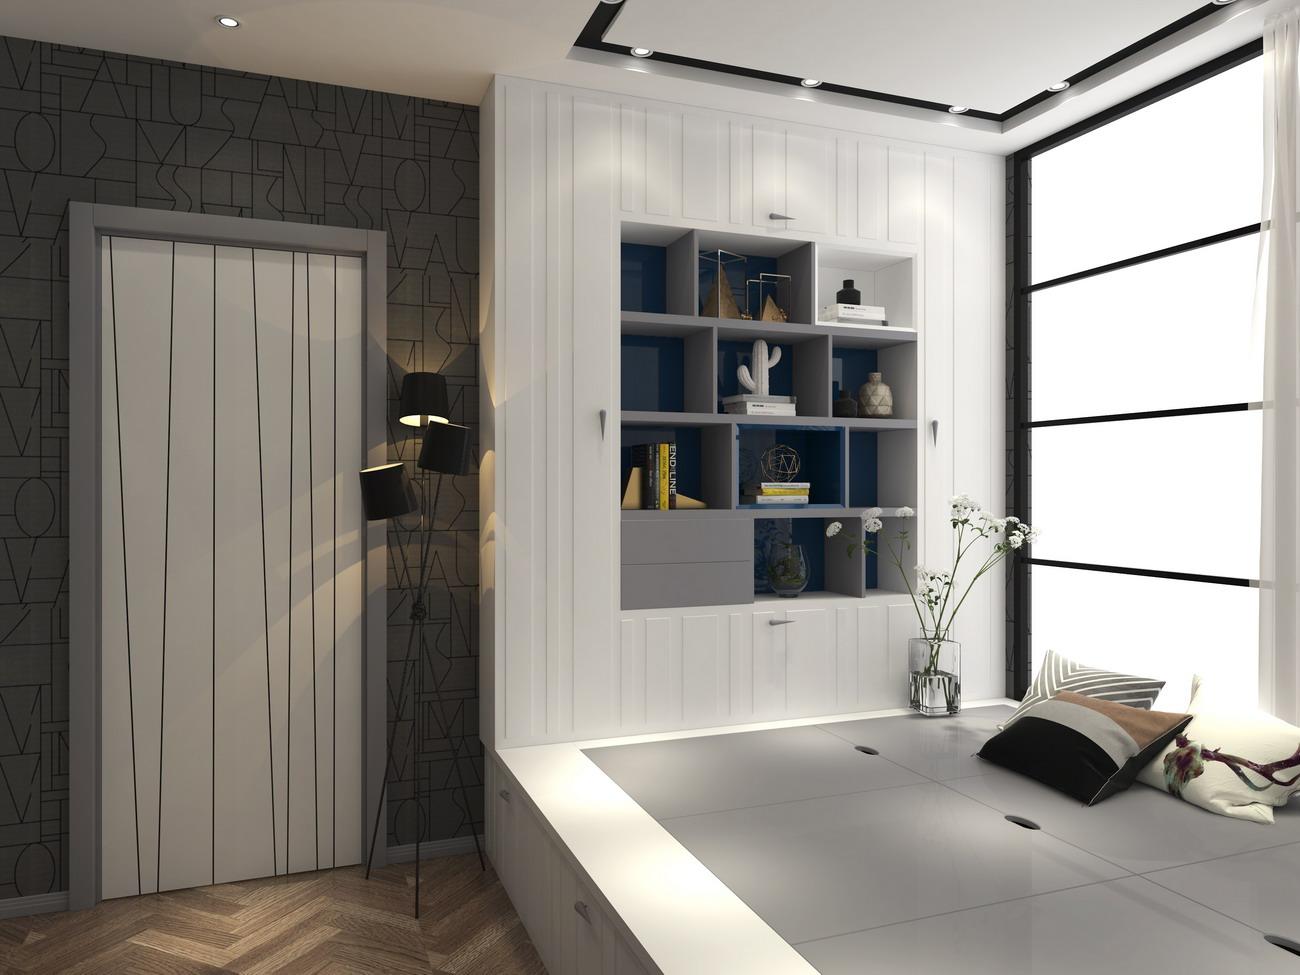 卡娜迪木门抓买点设计-高端木门店专卖店设计-整木定制案例欣赏-整木定制产品开发设计-